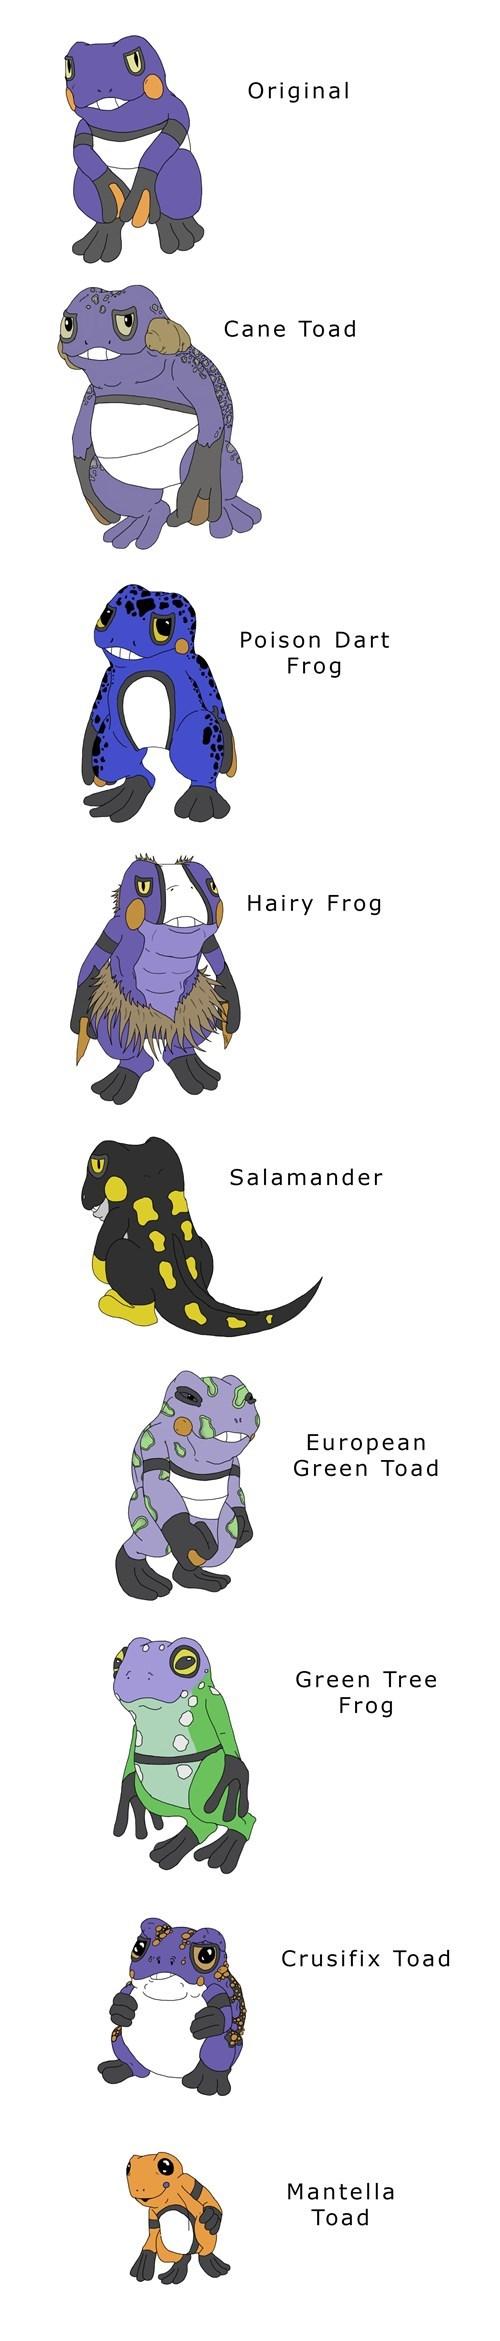 groagunk Fan Art pokemon variations - 8468987904